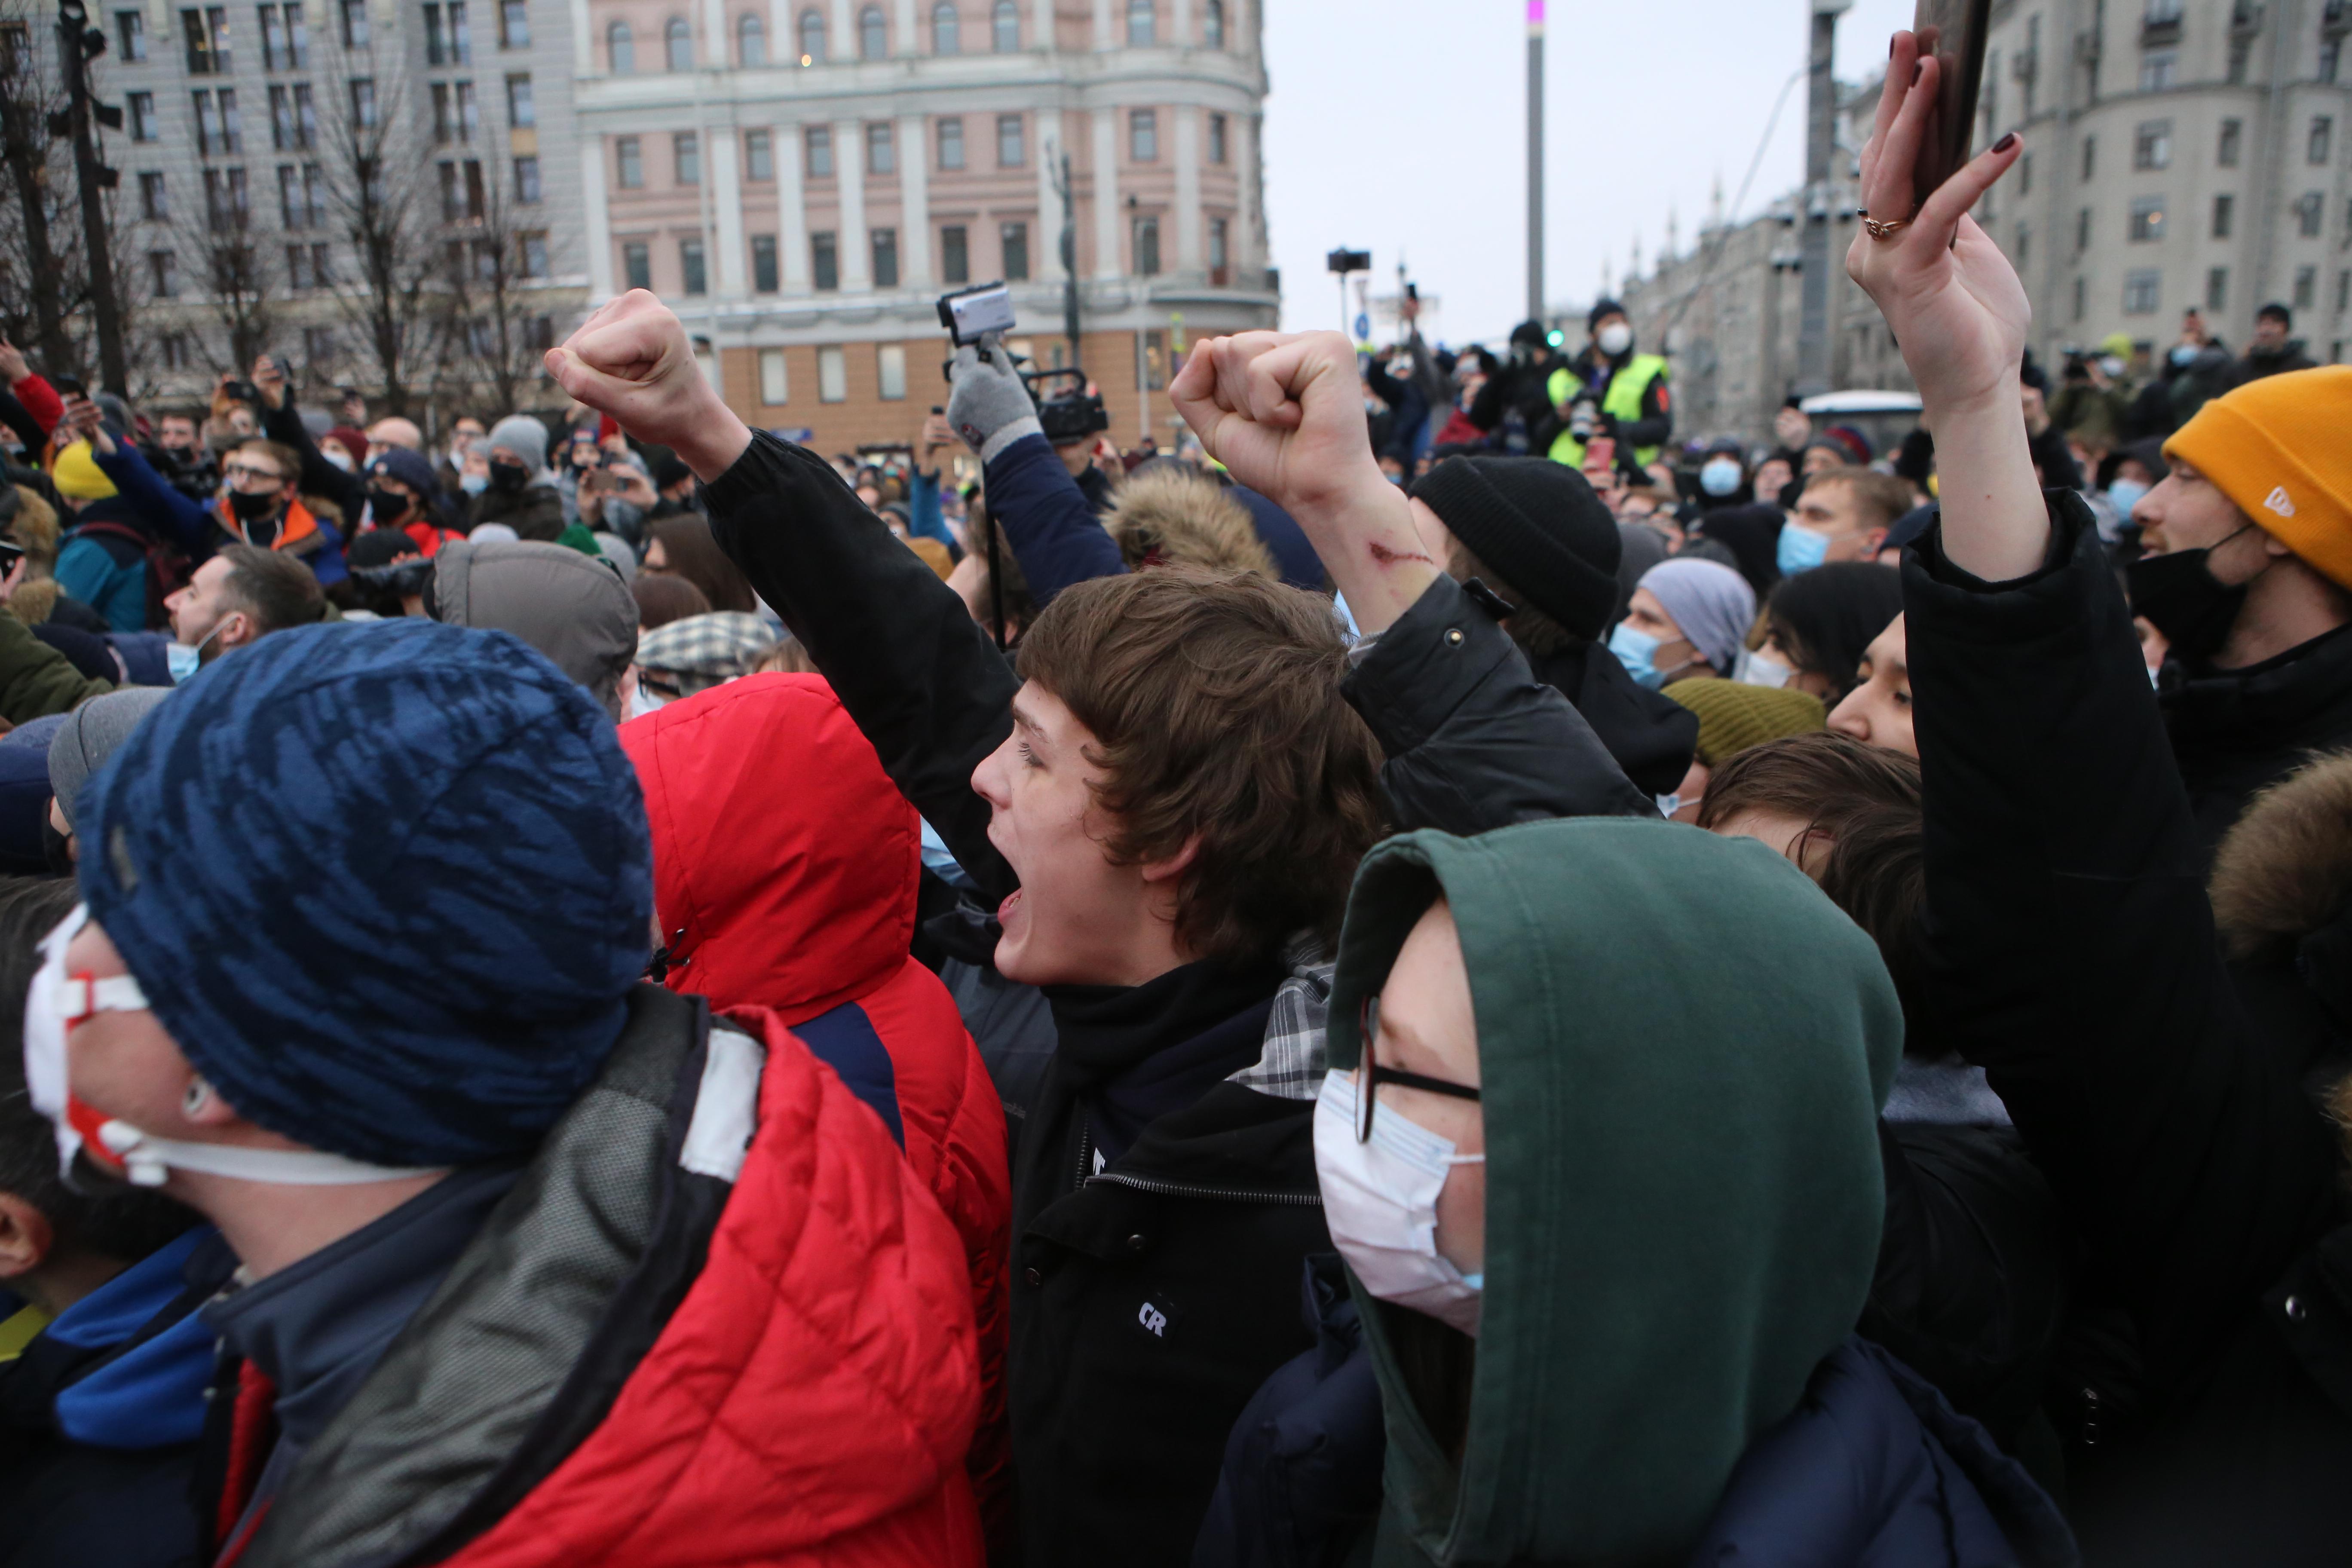 'Создавали хайп и пришли подраться'. Психотерапевт оценил участие молодёжи в незаконных митингах